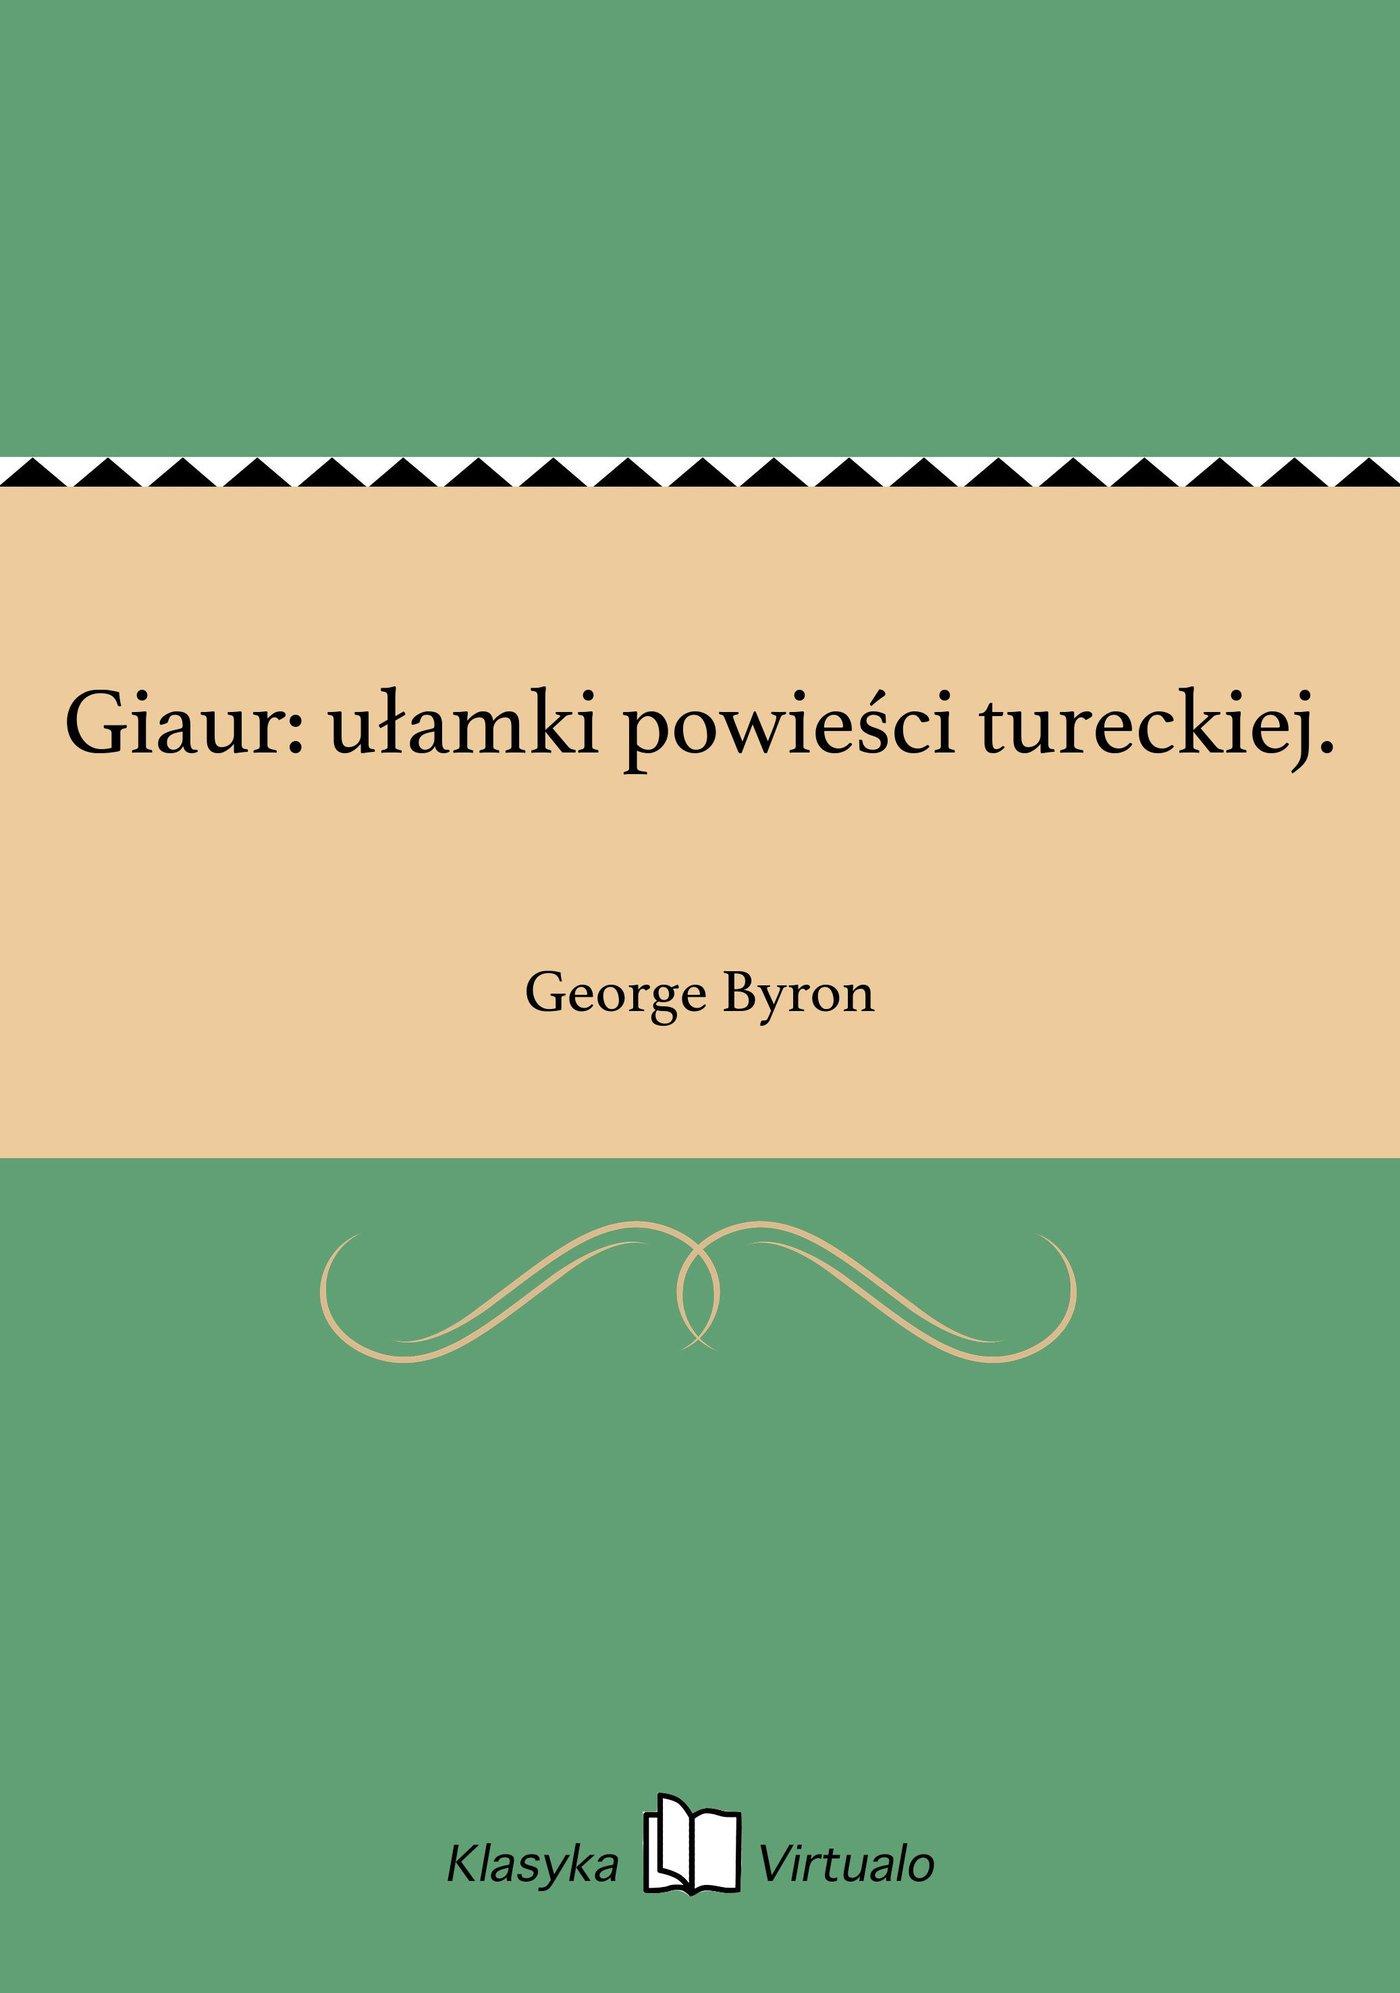 Giaur: ułamki powieści tureckiej. - Ebook (Książka na Kindle) do pobrania w formacie MOBI